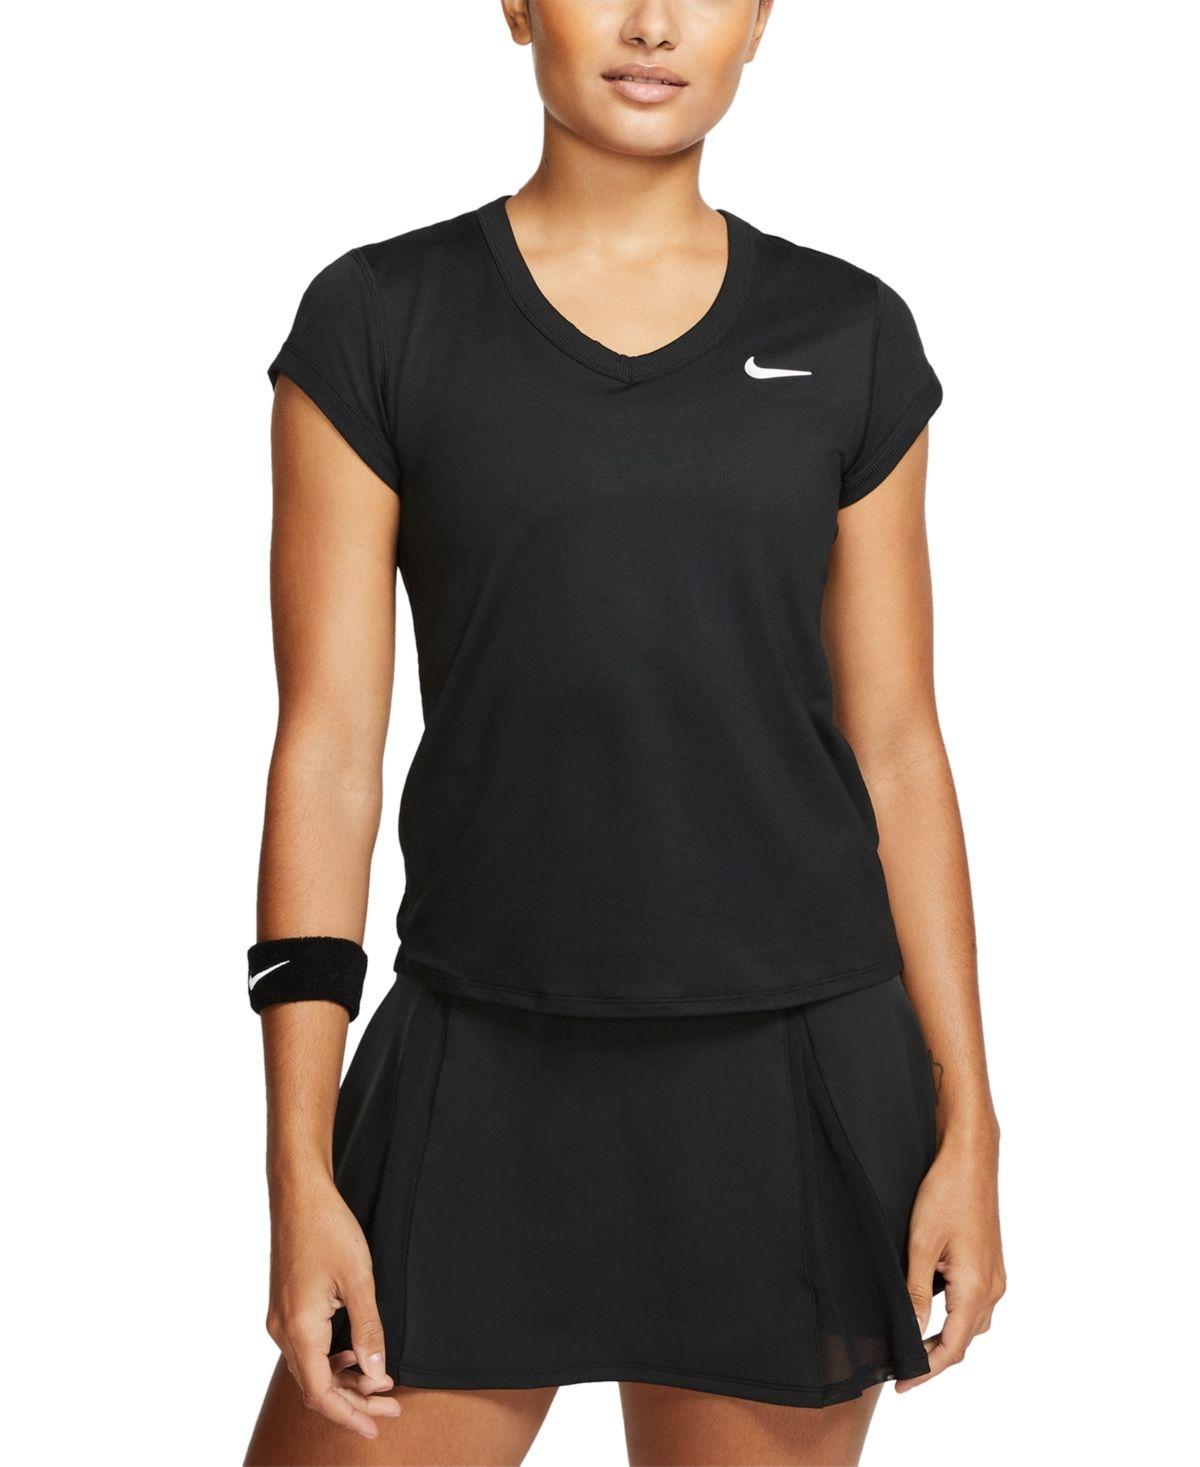 Nike Women S Court Dri Fit Tennis T Shirt Reviews Women Macy S In 2020 Nike Tennis Dress Workout Shorts Women Tennis Tops